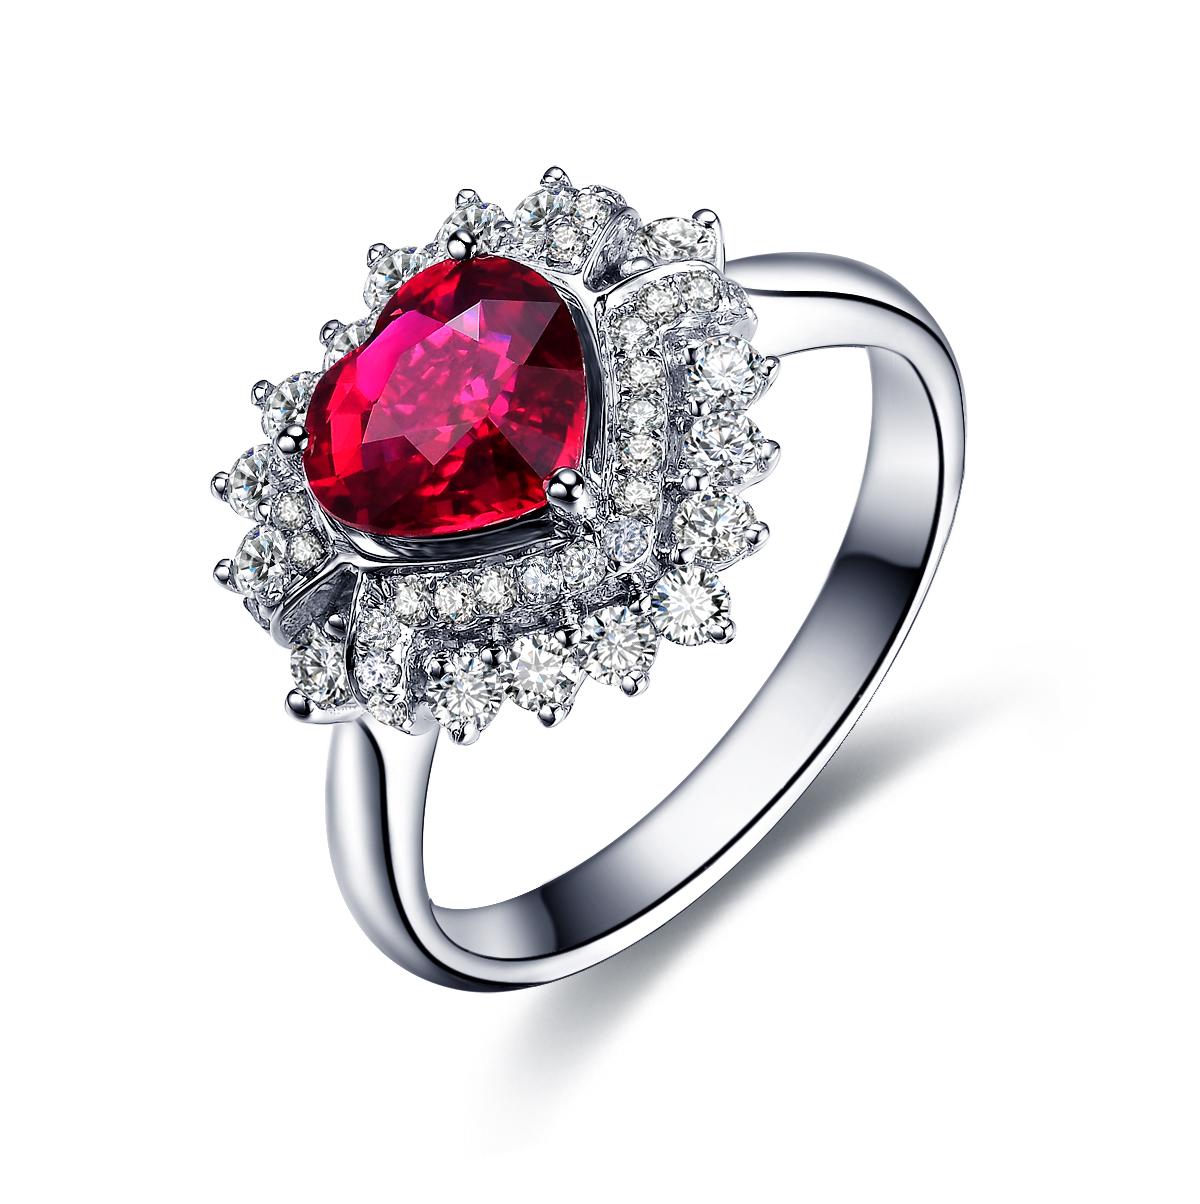 红宝石戒指的价格高吗